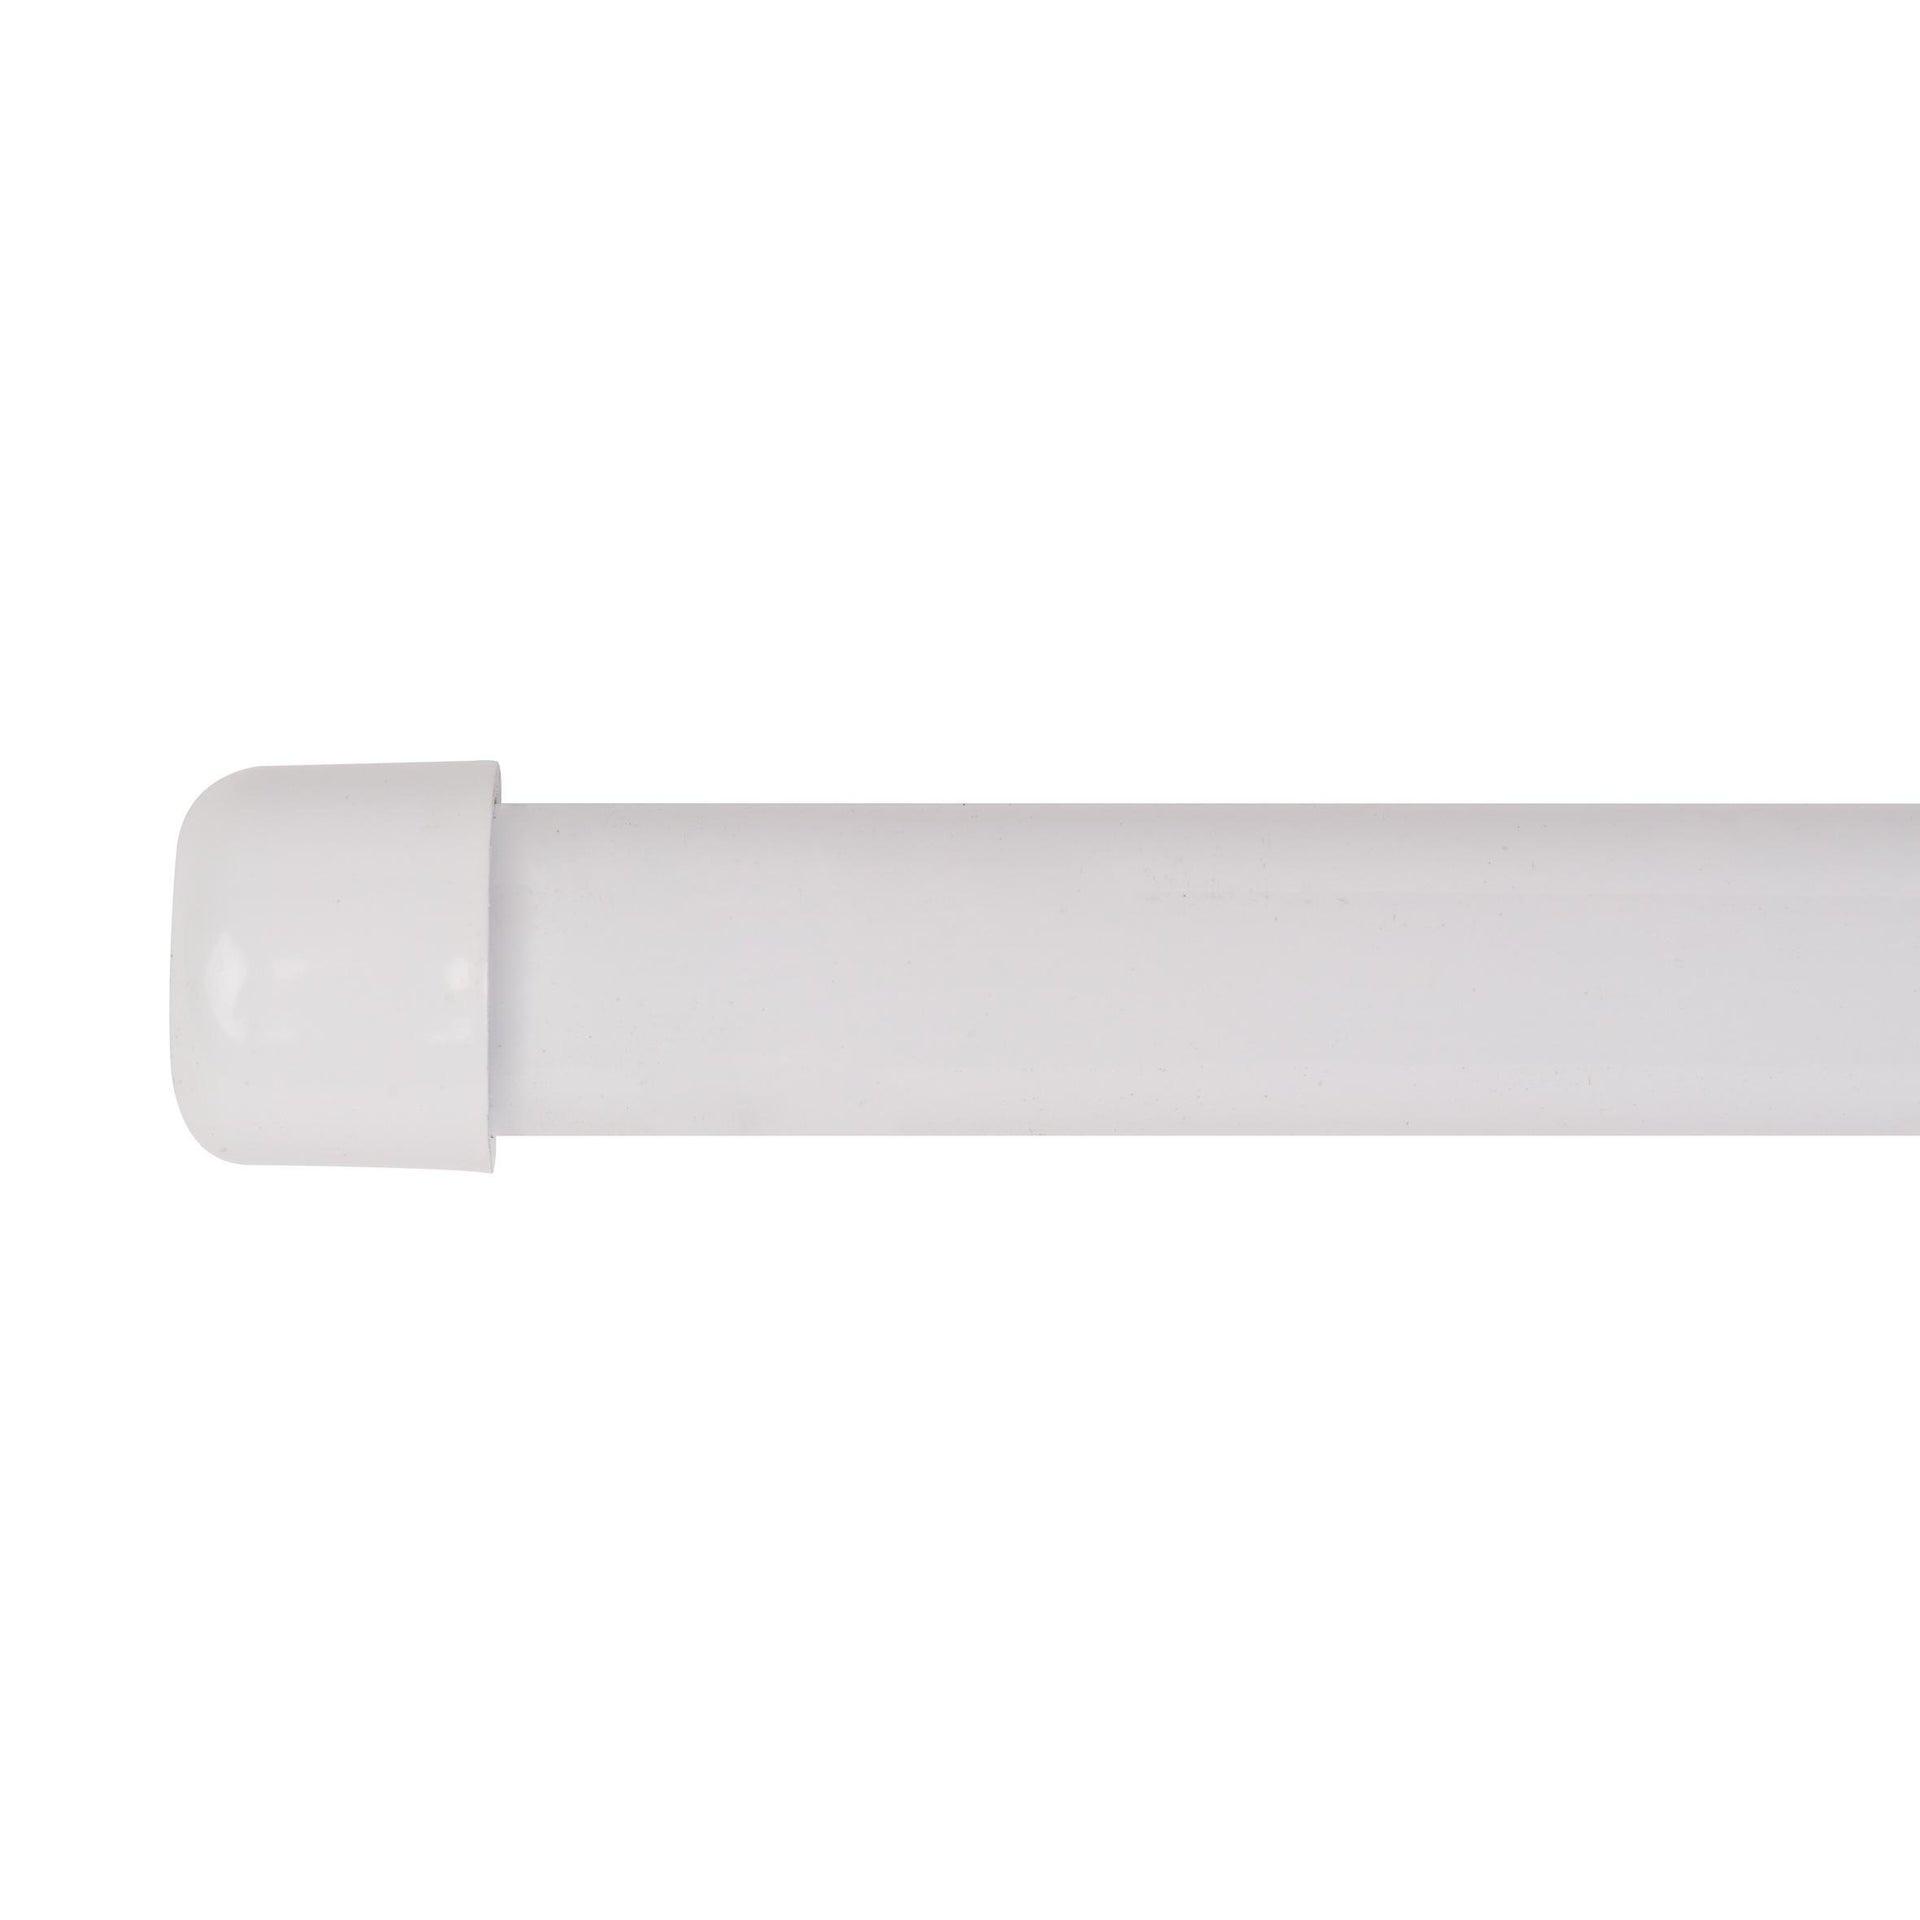 Finale per bastone Nilo tappo in metallo Ø20mm bianco lucido INSPIRE Set di 2 pezzi - 7